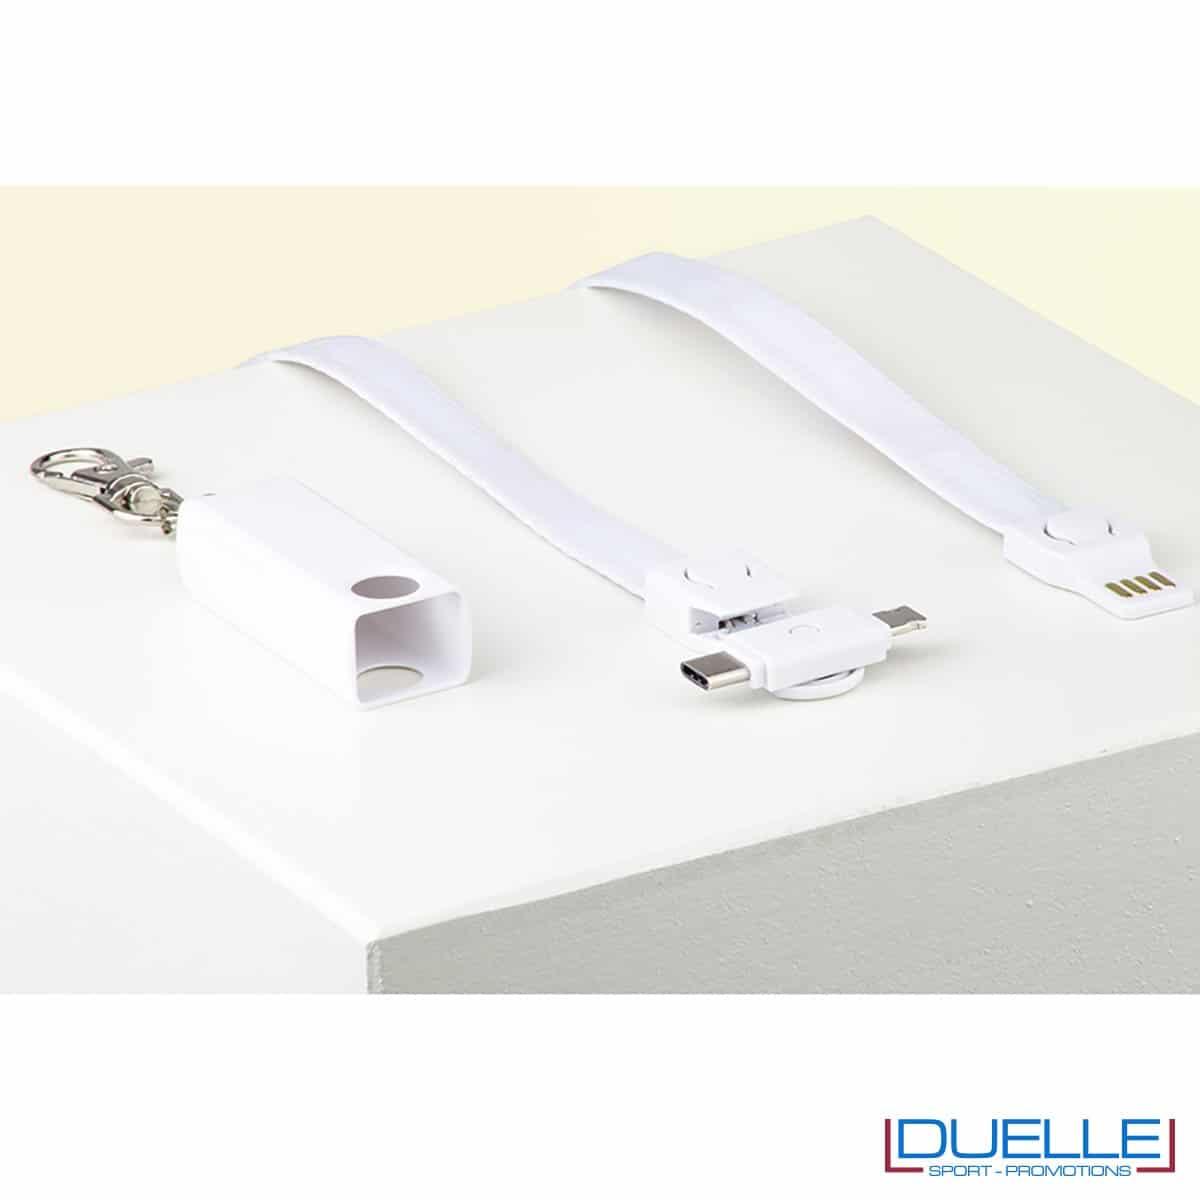 Cavo di ricarica, connettori lightning, microUSB e USB Type-C colore bianco per lanyard personalizzato